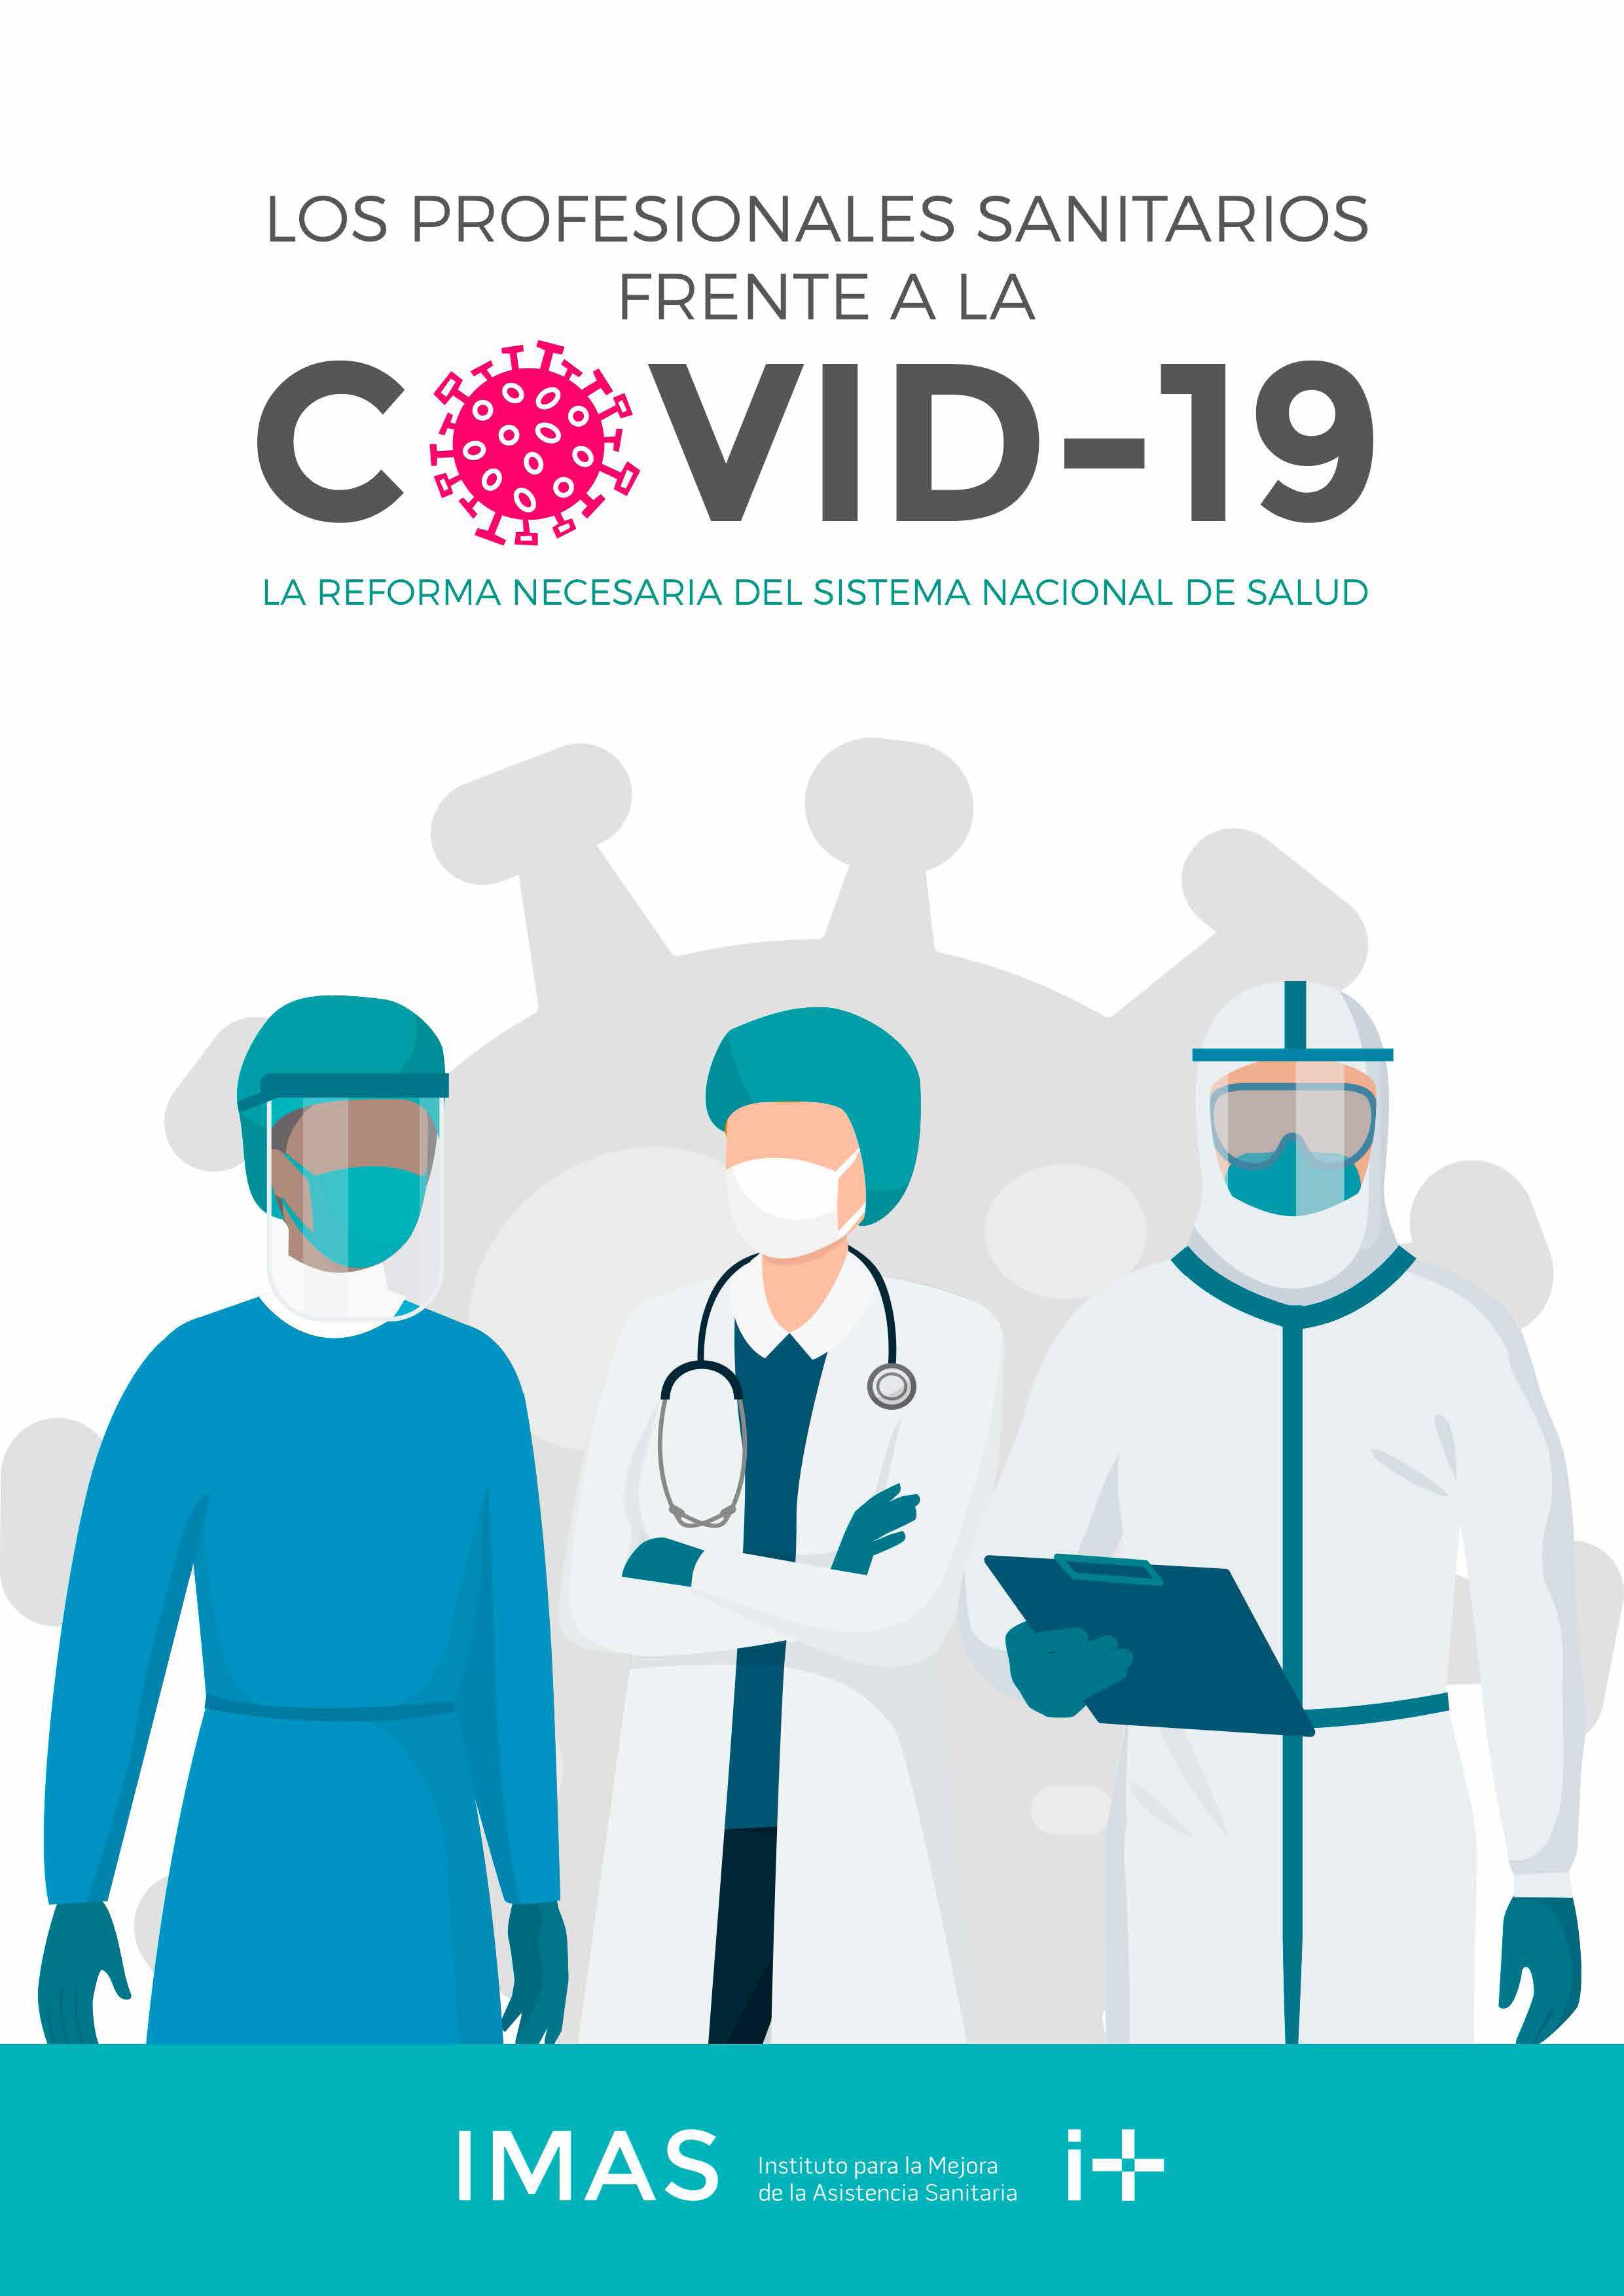 """Estudio de la Fundación Instituto para la Mejora de la Asistencia Sanitaria (IMAS): """"Los sanitarios frente a la COVID-19. La reforma necesaria del Sistema Nacional de Salud"""". Con la colaboración de AETR."""